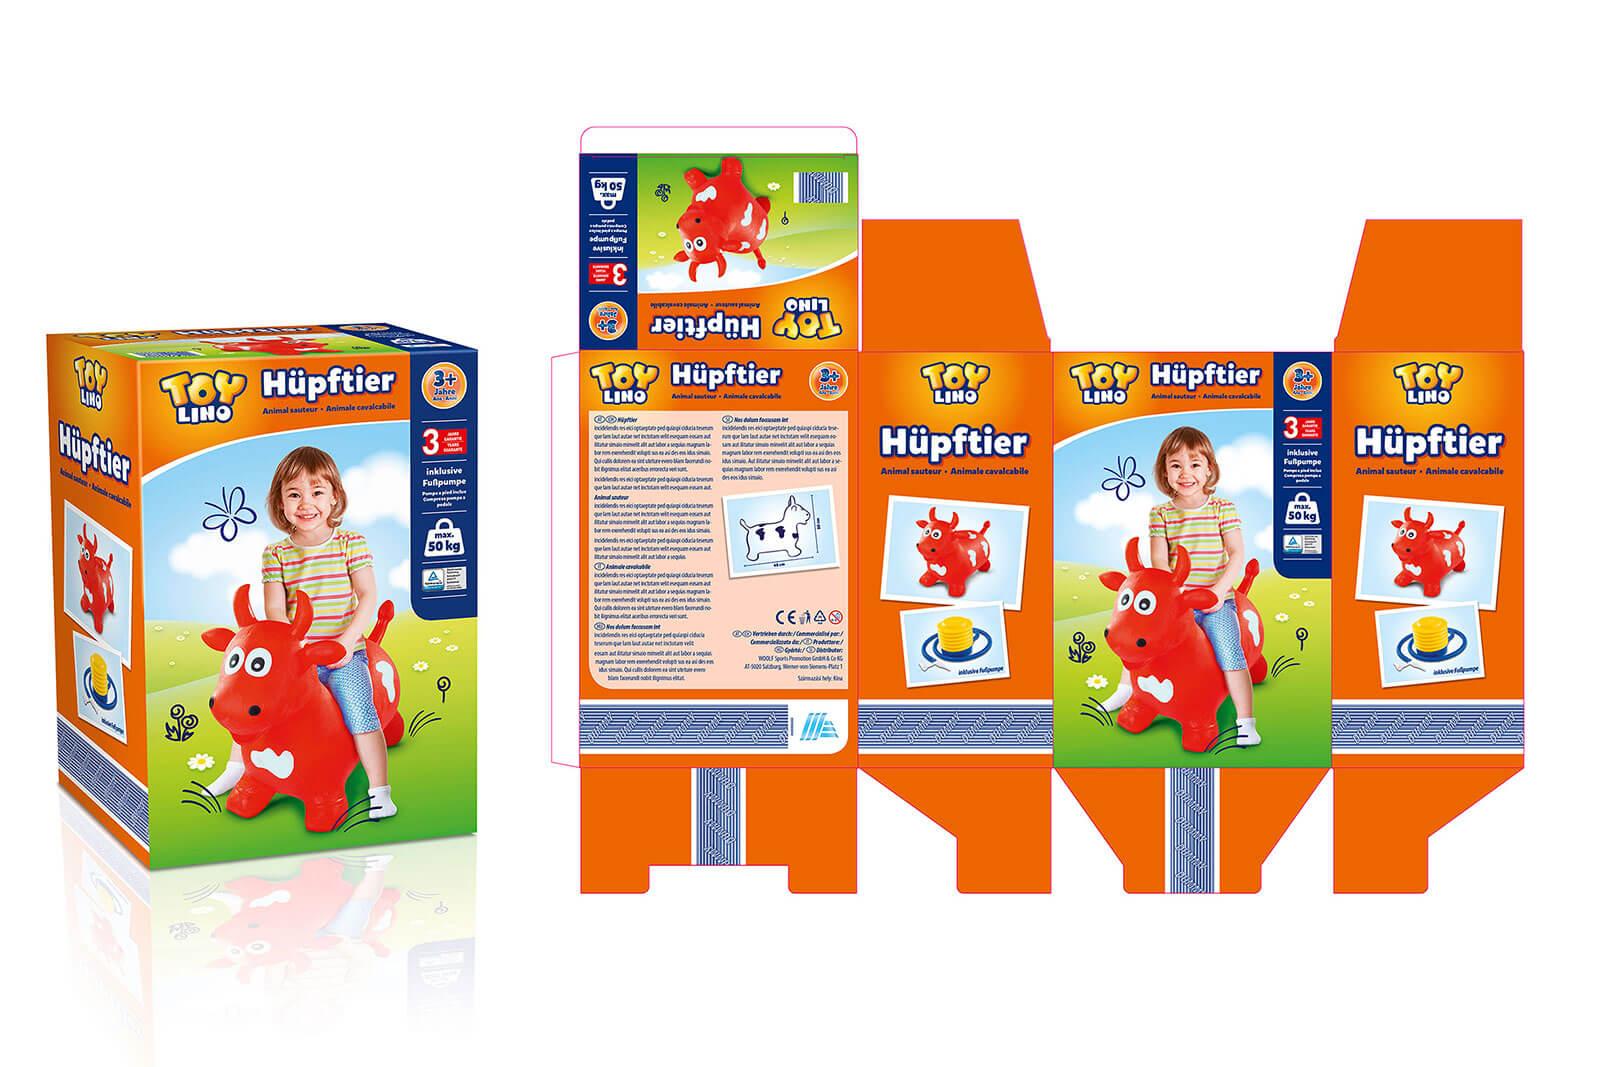 hofer toylino spielzeug hüpftier design packaging rubicon